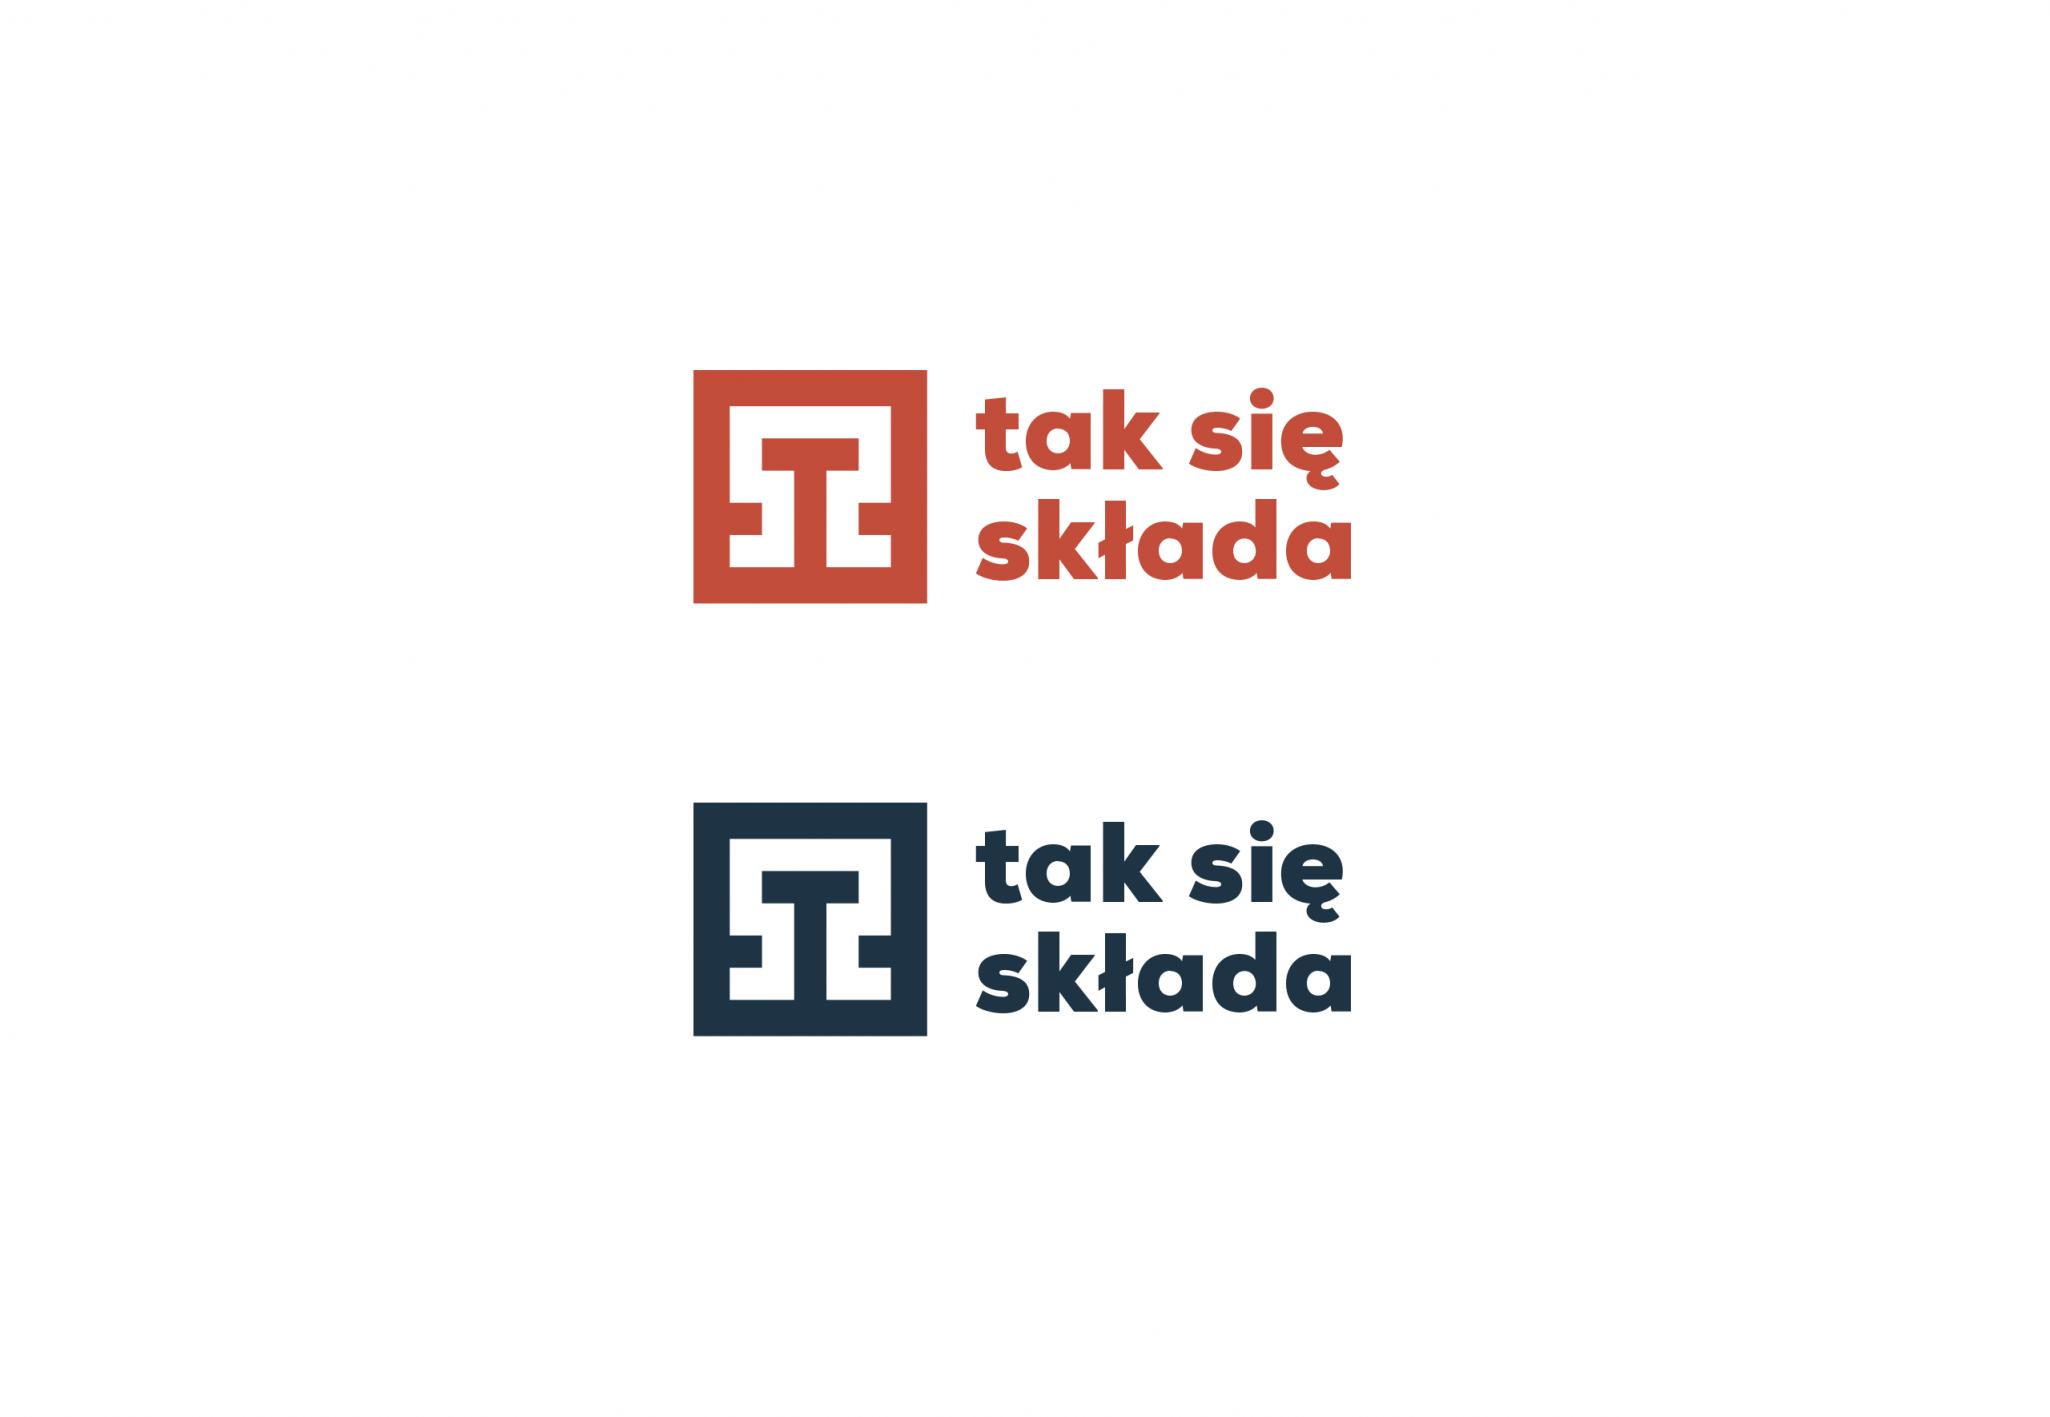 logotyp projekt tak się składa